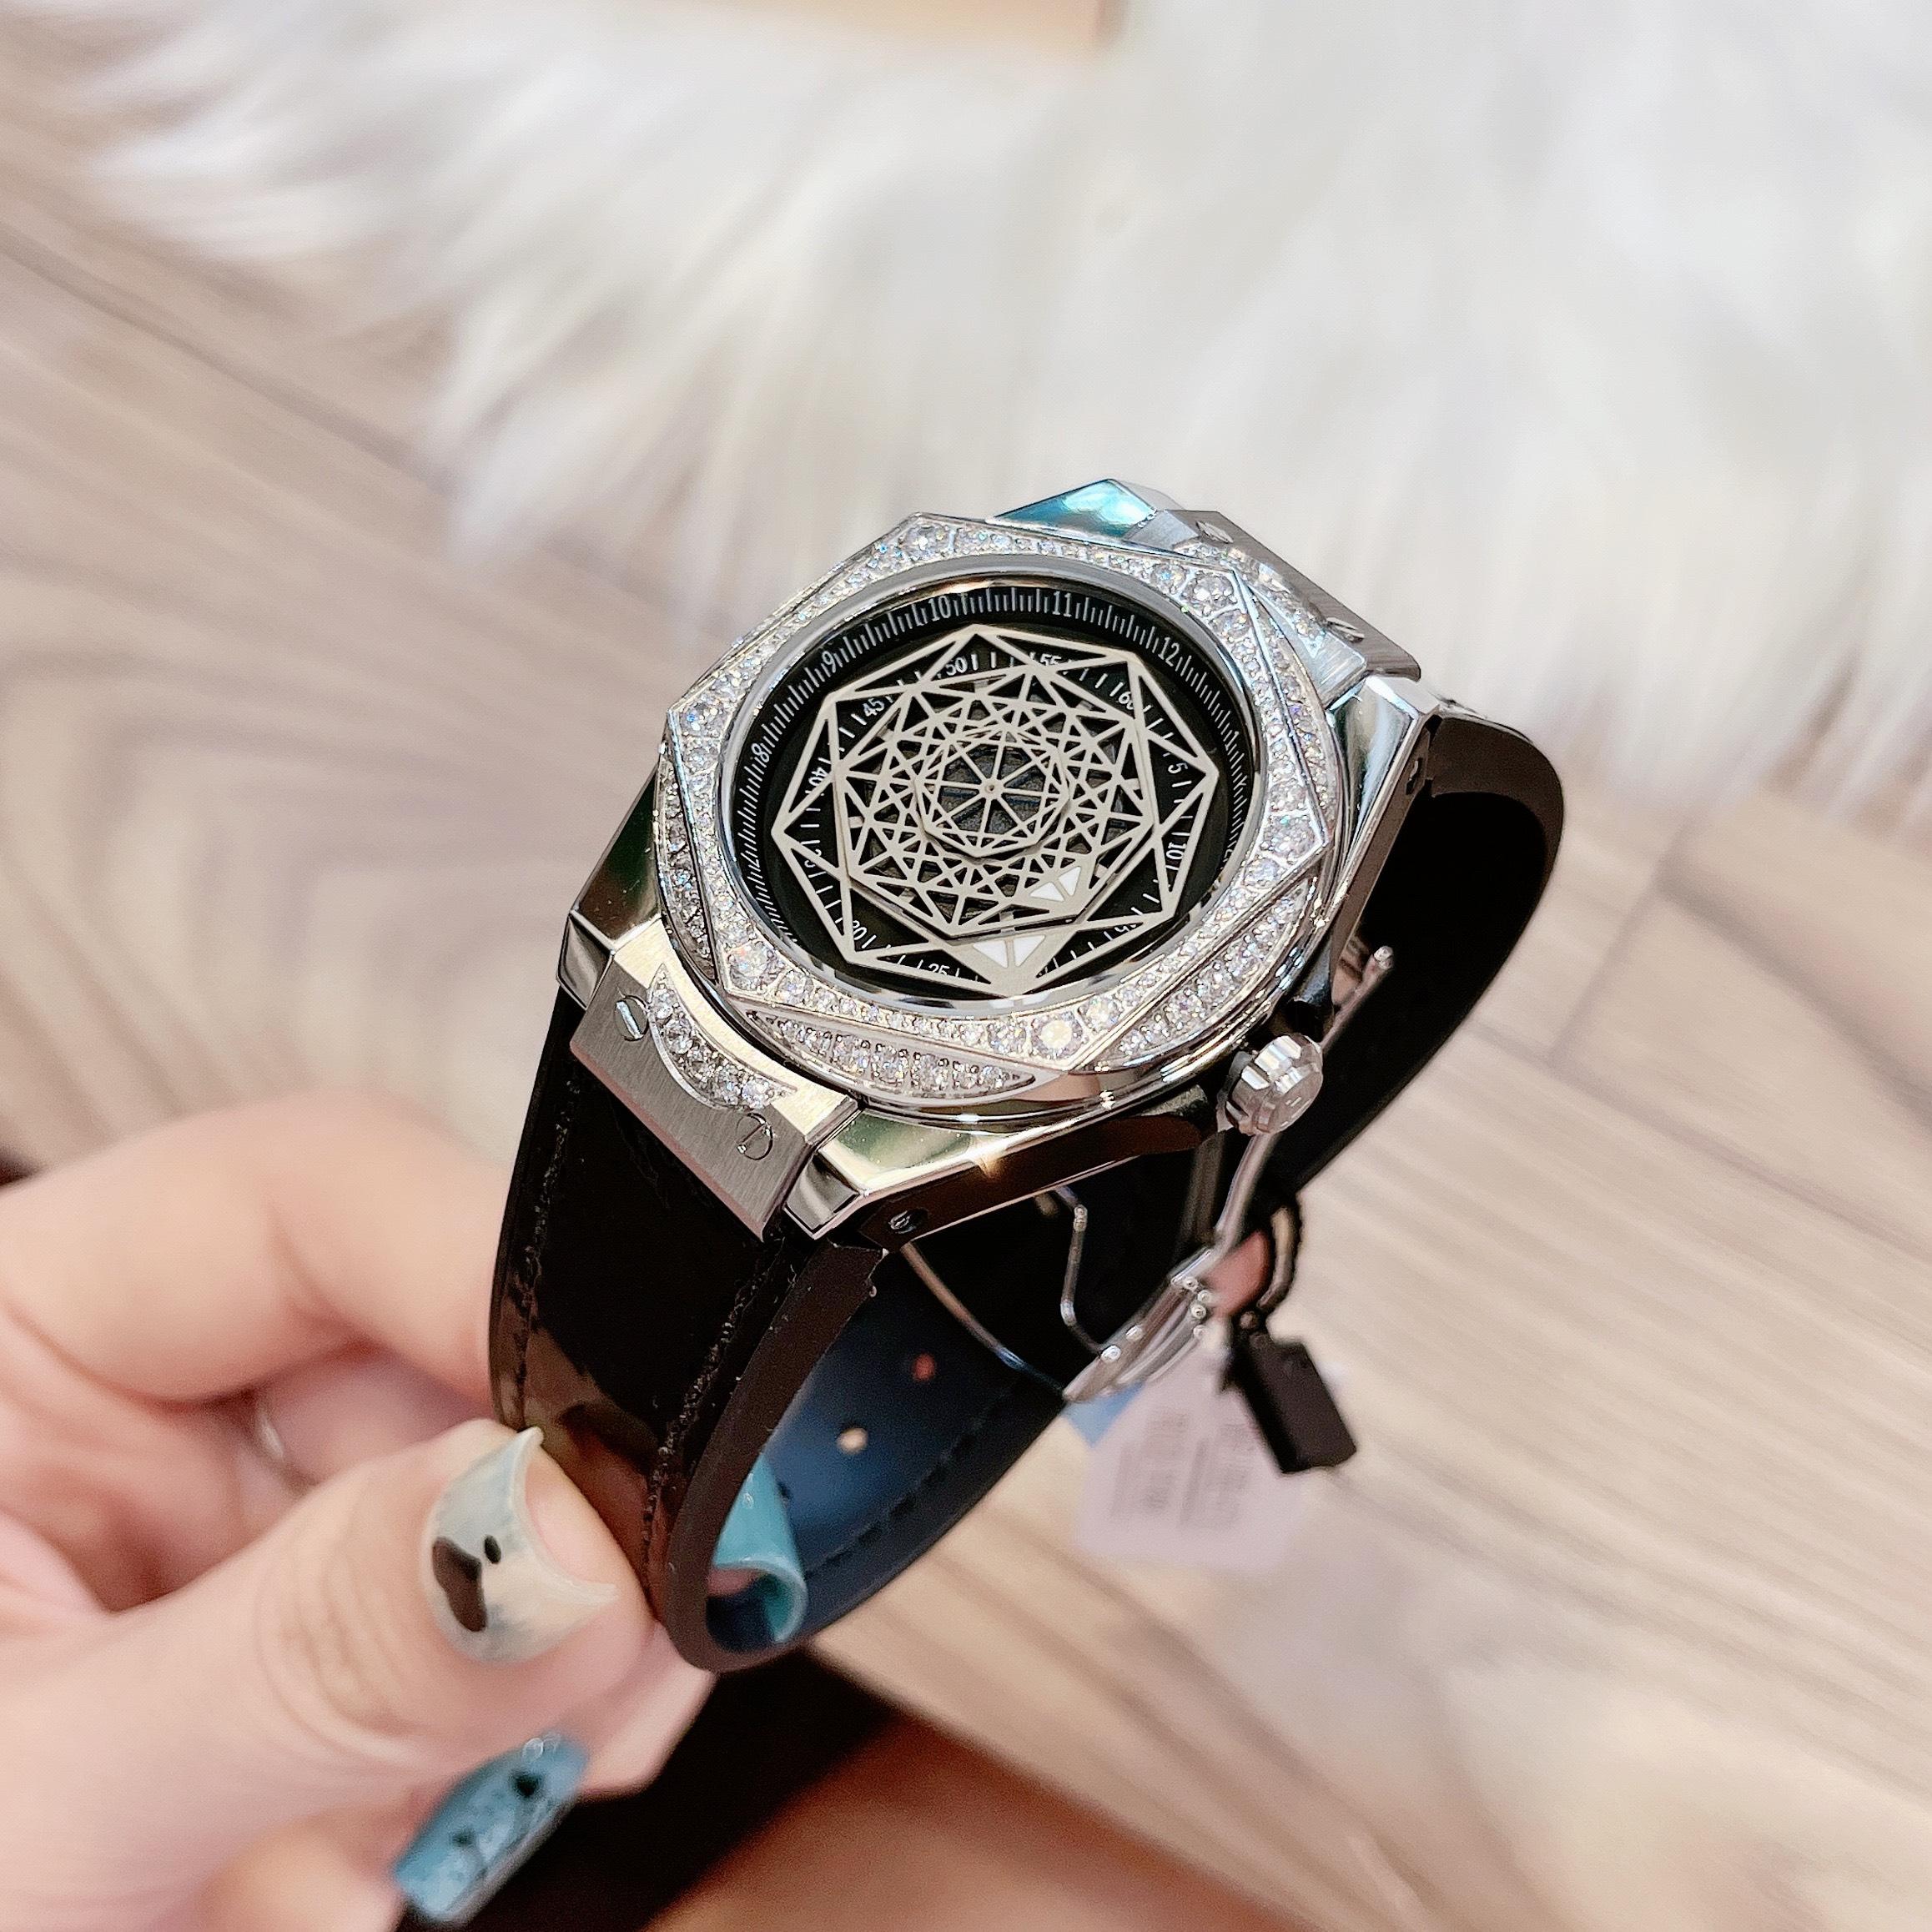 Đồng hồ hãng Hanboro